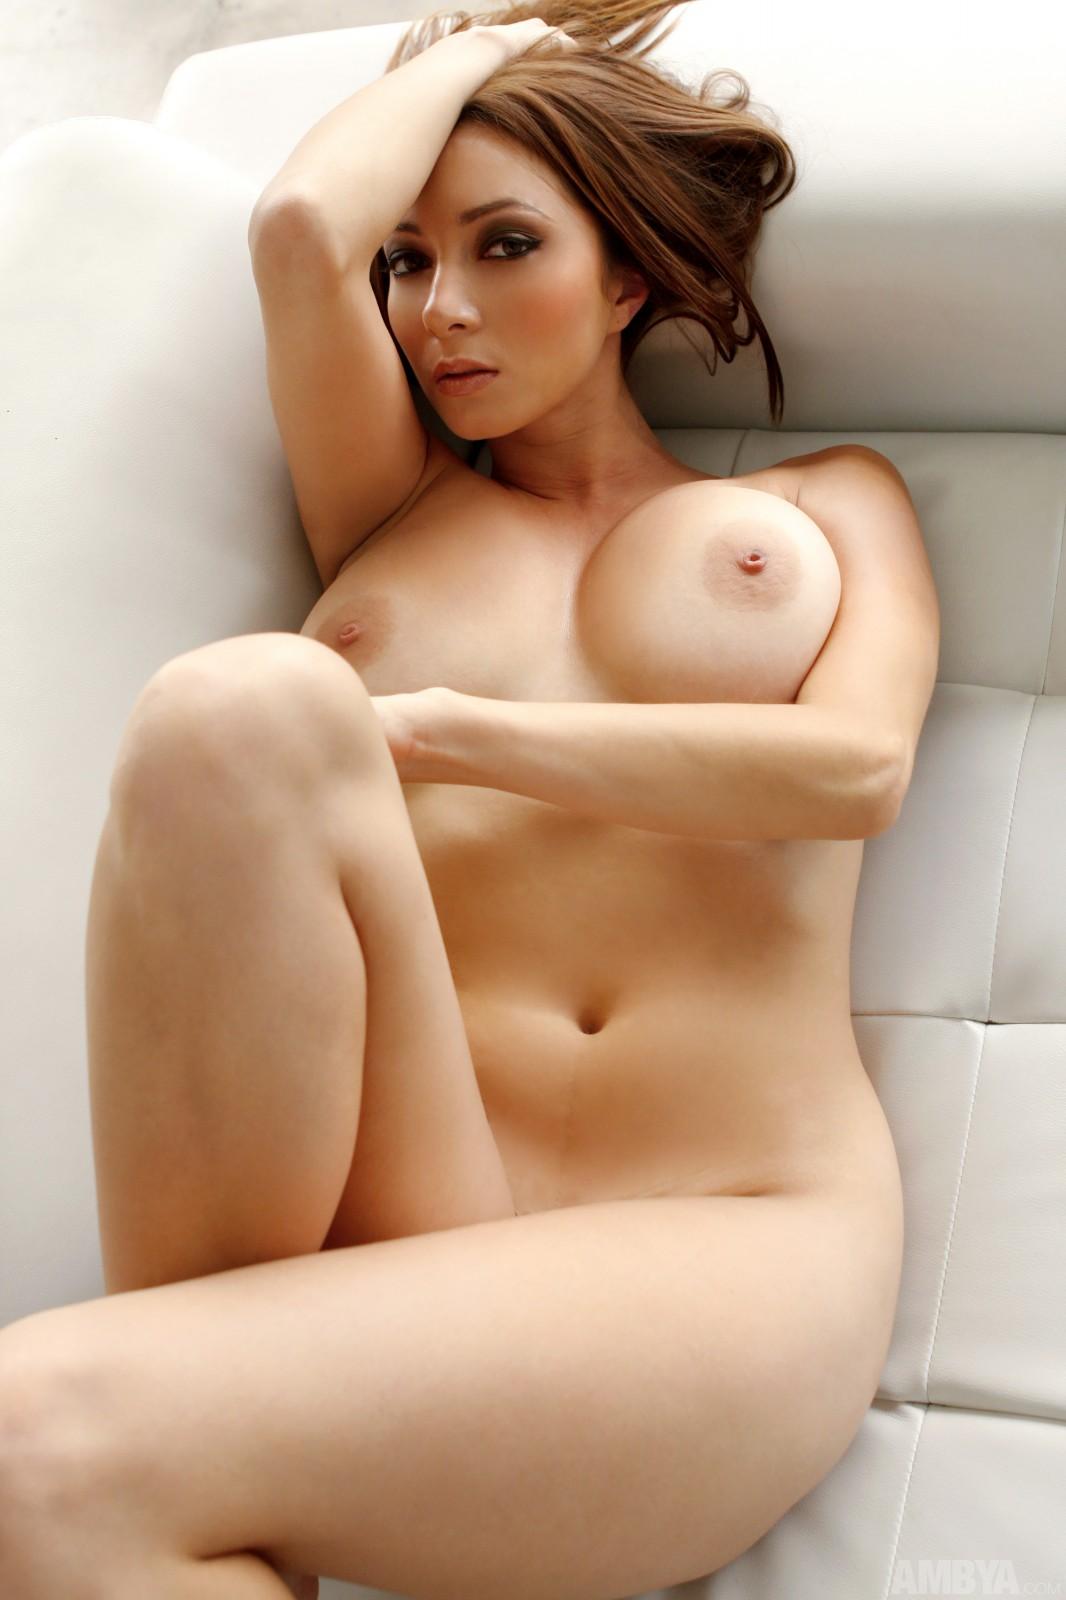 Jesus girl sexy tits big young, jamie sax videos xxx